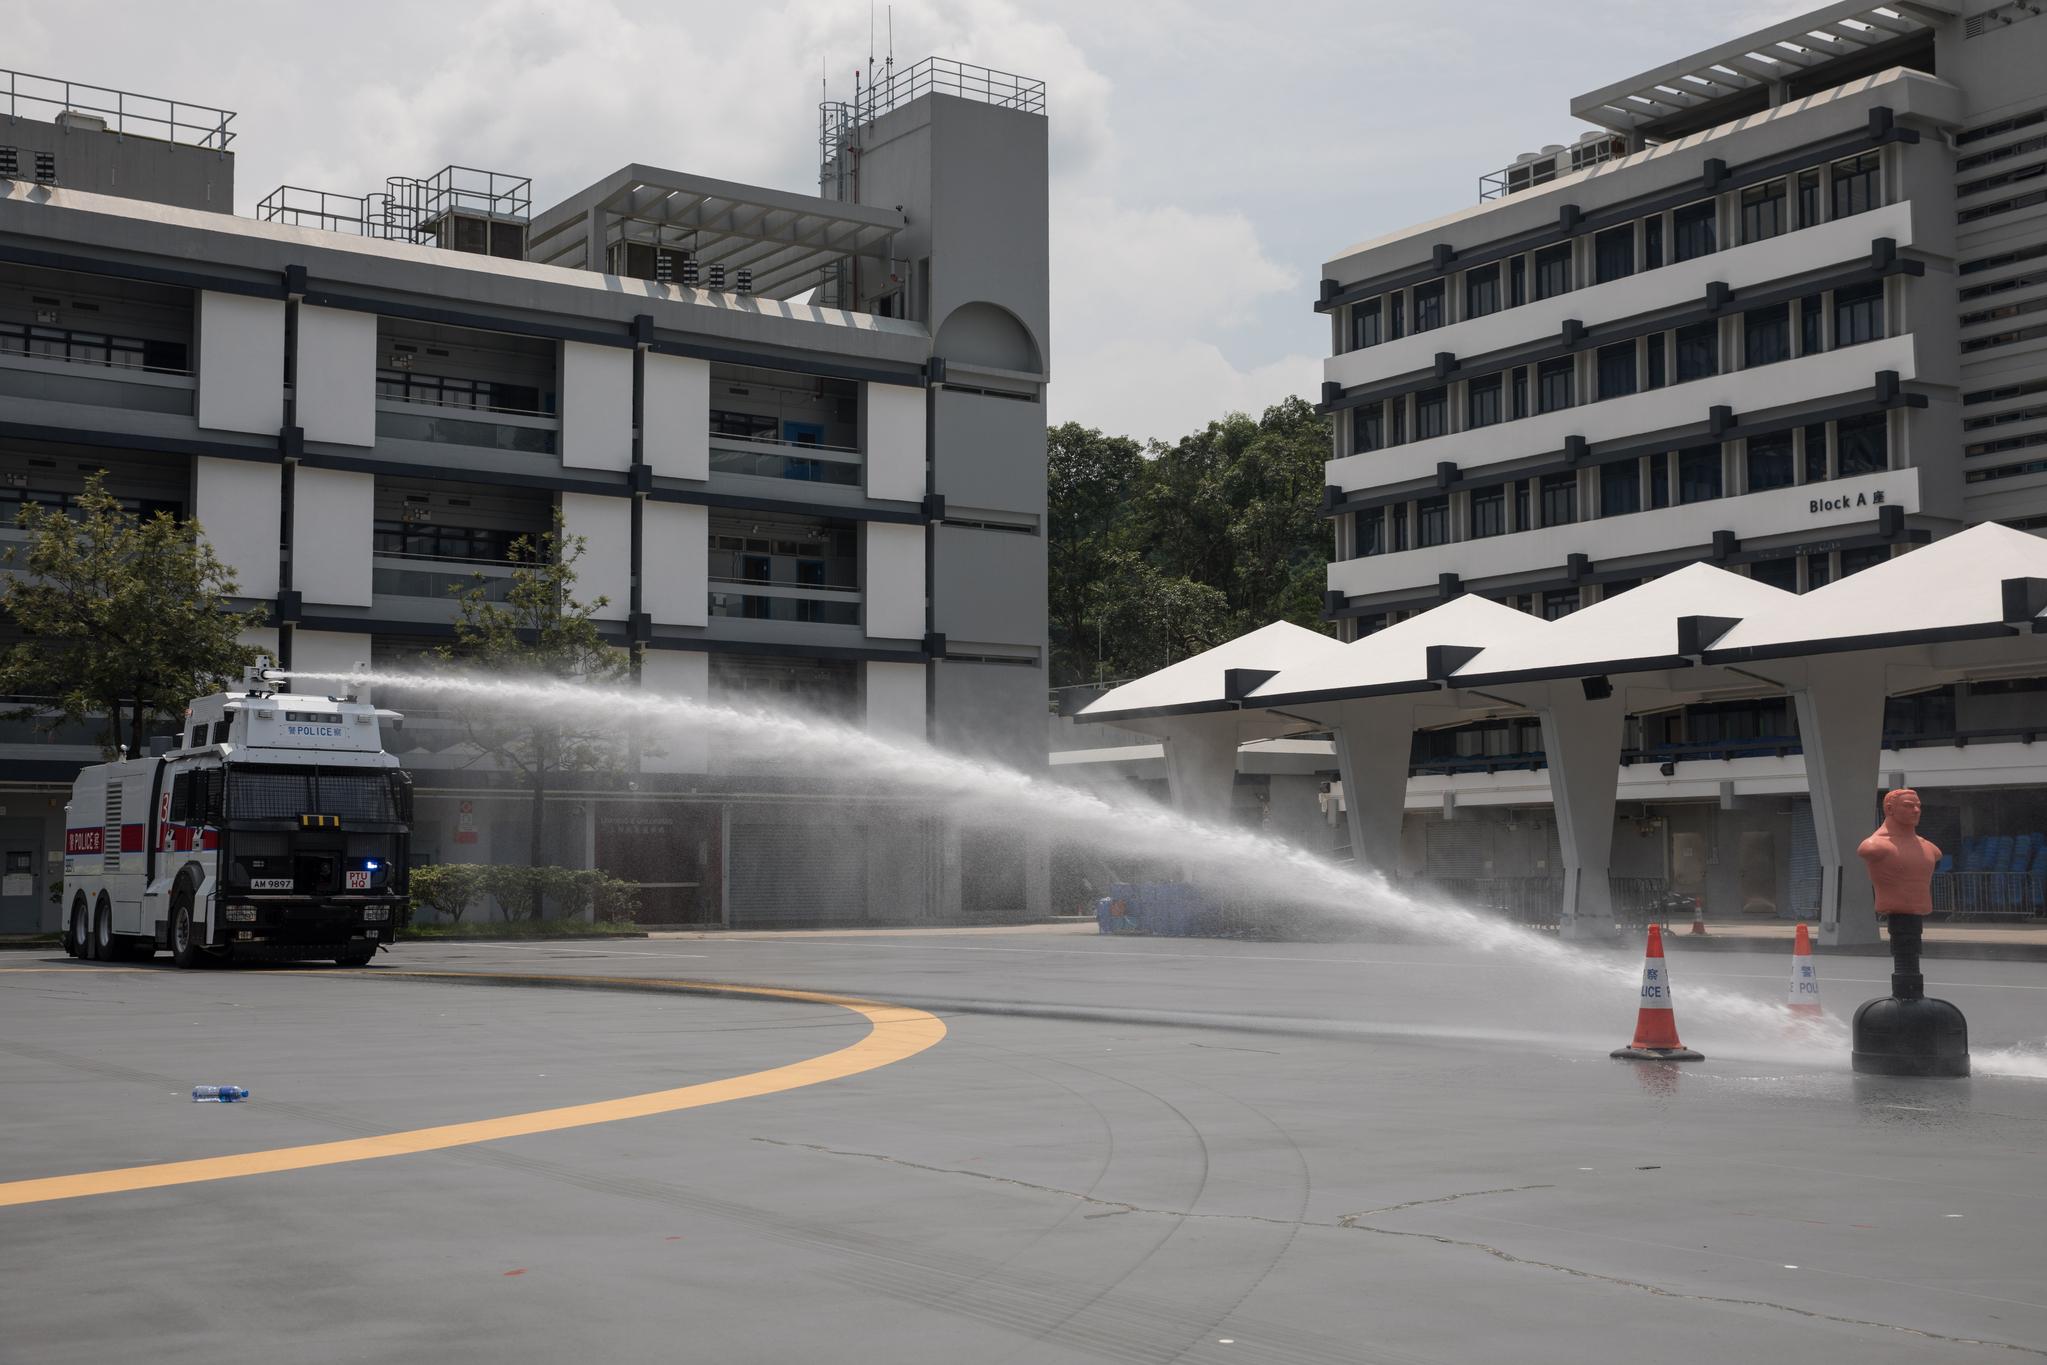 지난 12일 홍콩 판링의 경찰 전술 부대에서 사람모양의 인형을 세우고 물대포차를 시험하고 있다. [EPA=연합뉴스]